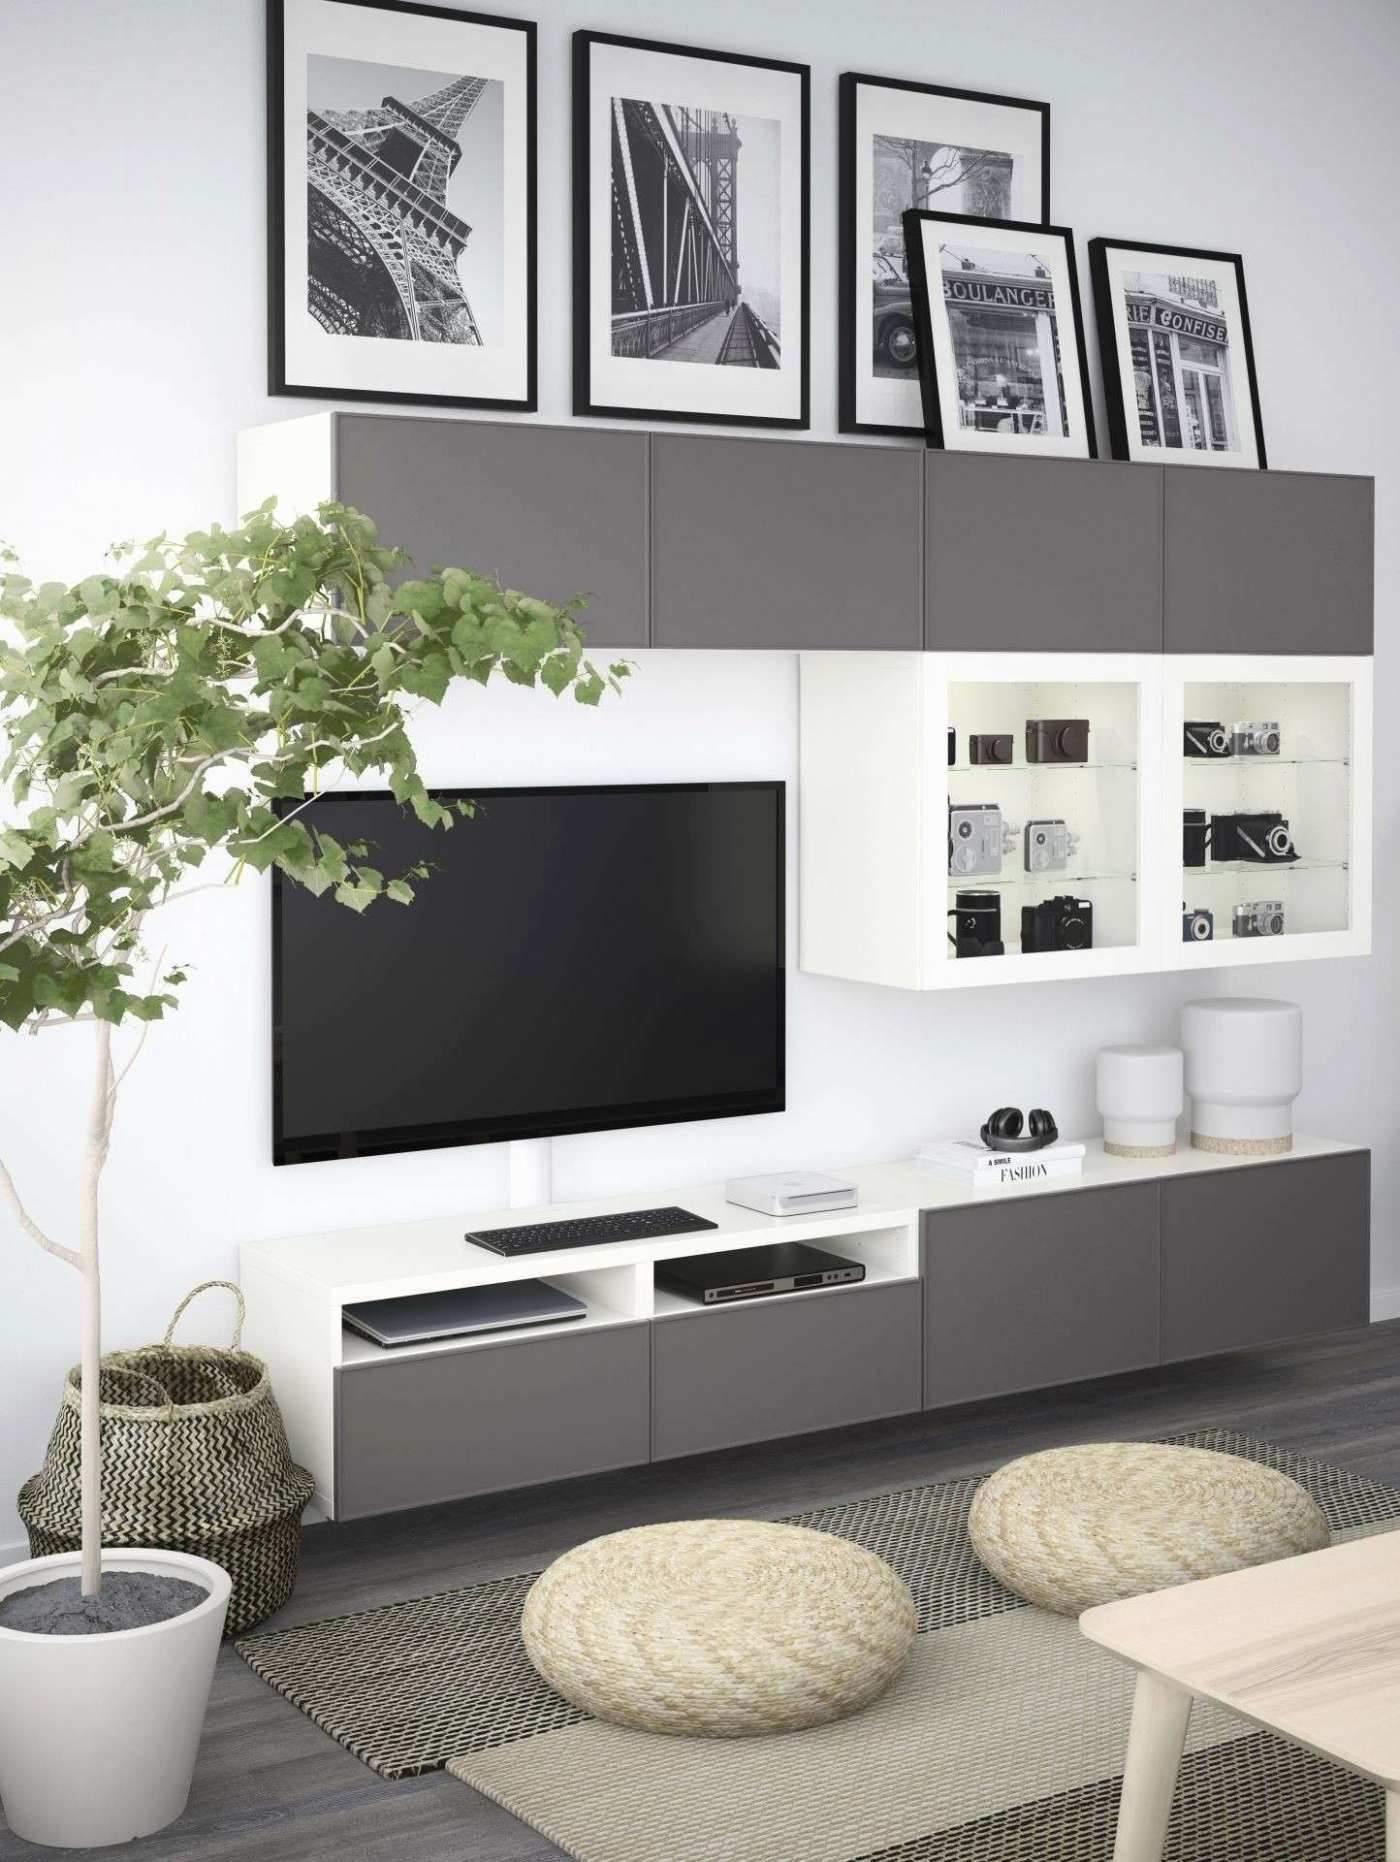 deko ideen selbermachen wohnzimmer frisch 55 genial deko ideen selbermachen wohnzimmer neu of deko ideen selbermachen wohnzimmer